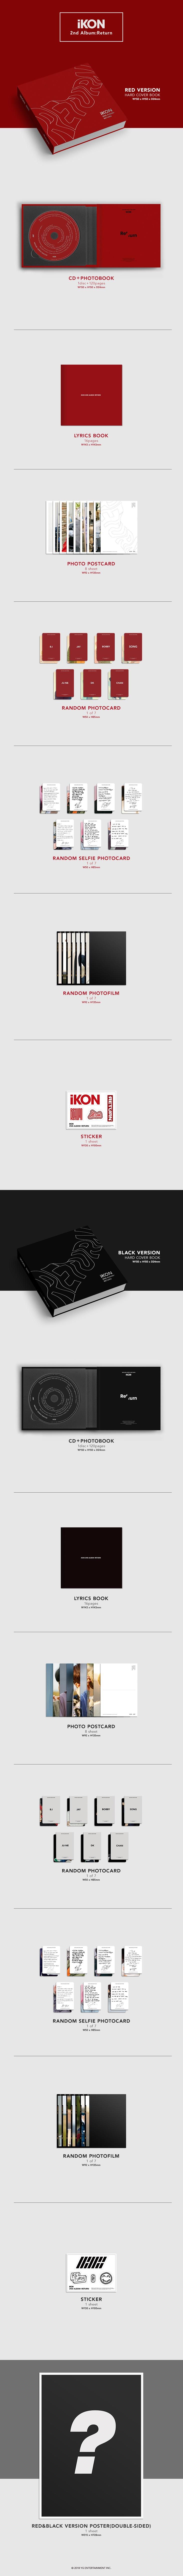 iKON - Album Vol 2 [Return] (RED Ver )